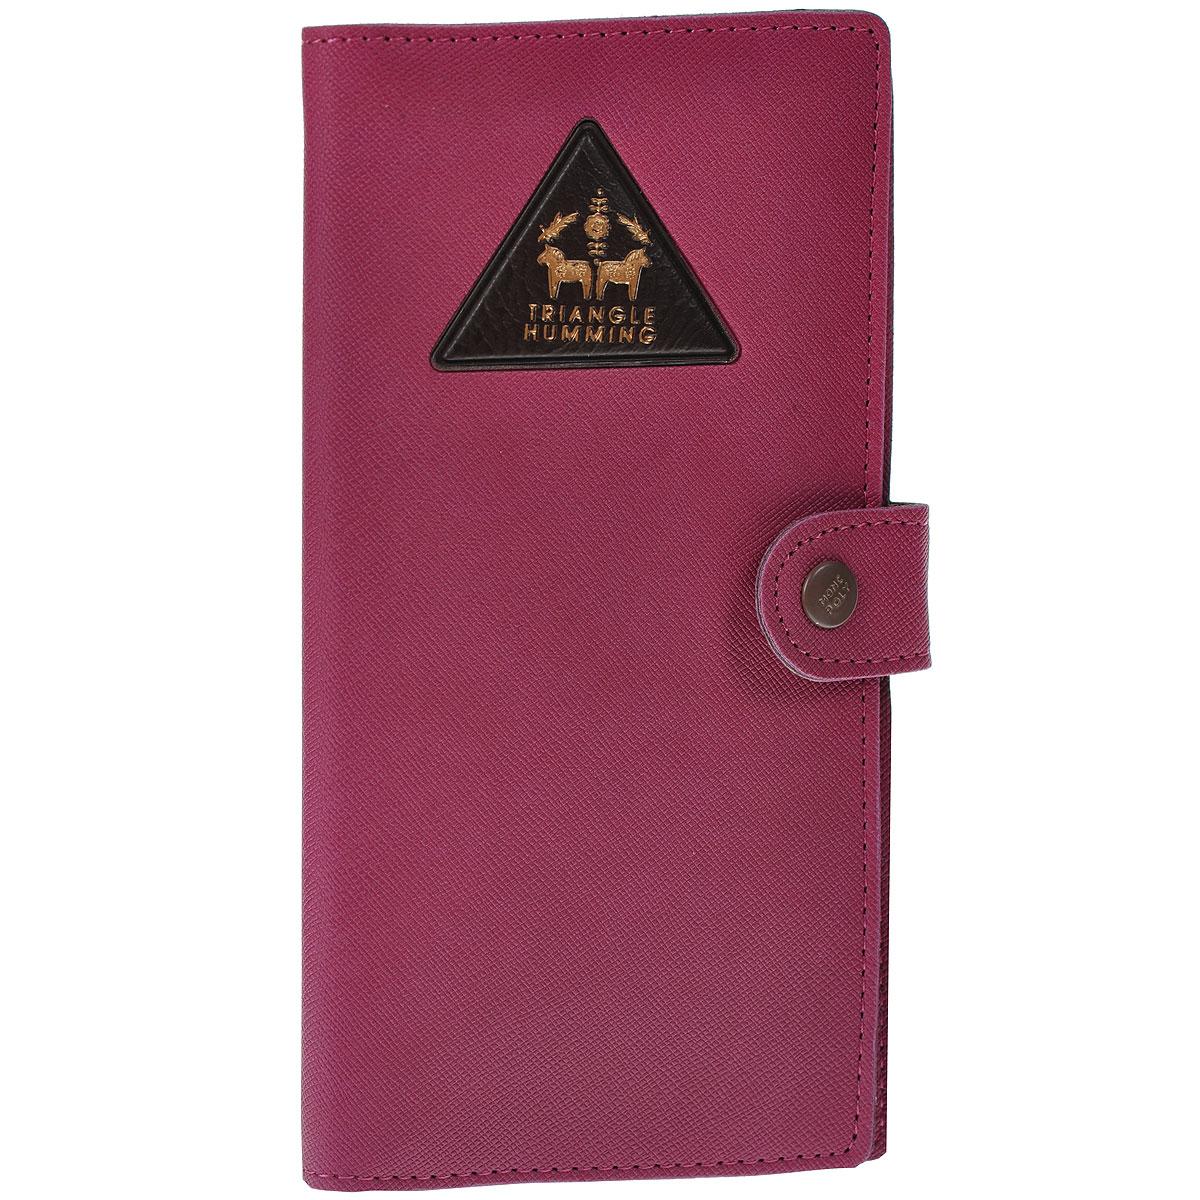 Кошелек Triangle humming, цвет: малиновыйBM8434-58AEОригинальный кошелек Triangle humming выполнен из кожзаменителя малинового цвета и декорирован выпуклым треугольником с золотистым тиснением. Кошелек закрывается на хлястик с металлической кнопкой. Имеет внутри два отделения для купюр, кармашек-уголок для чеков, девять прорезных карманов для кредитных карт и карман со вставкой из прозрачного пластика.Такой кошелек станет отличным подарком для человека, ценящего качественные и необычные вещи. Характеристики: Материал: полиуретан, металл.Цвет: малиновый.Размер кошелька: 9 см х 17,5 см х 1 см.Размер упаковки: 9 см х 20 см х 1 см. Артикул:0901024.